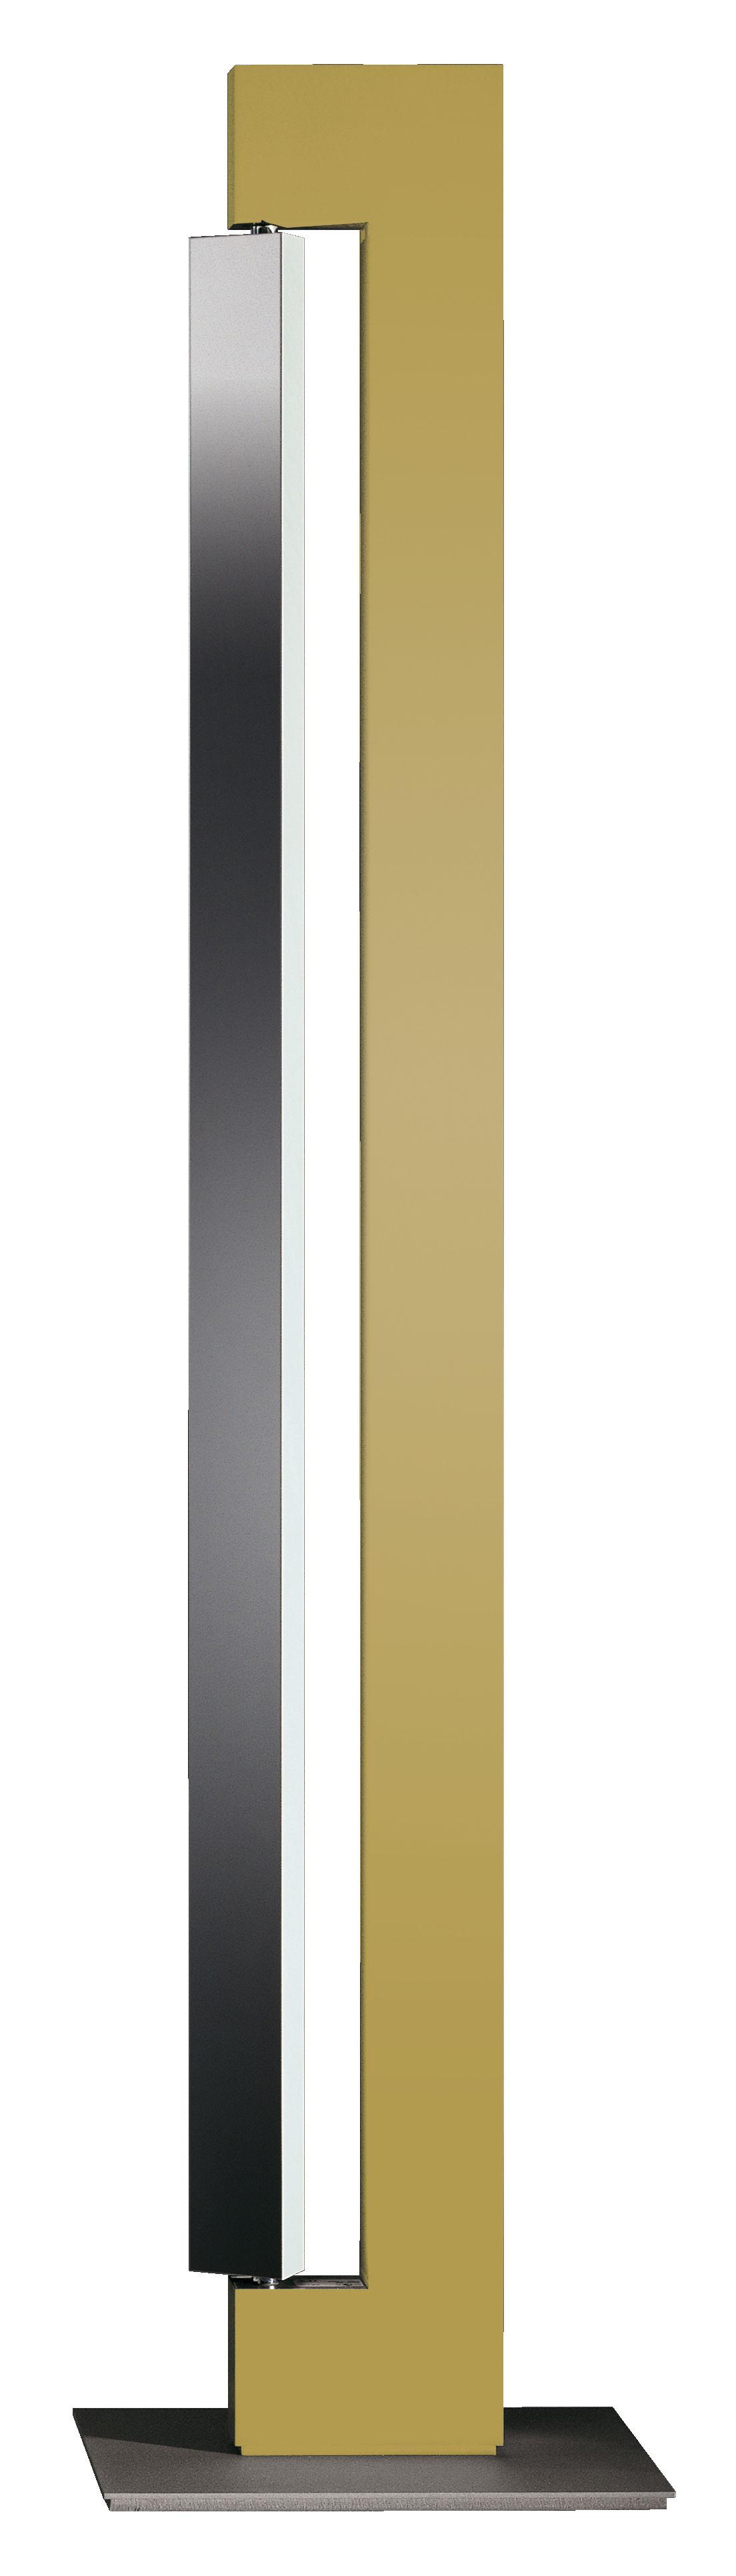 Leuchten - Stehleuchten - Ara Stehleuchte - Nemo - Champagner - Diffusor Aluminium - Aluminium